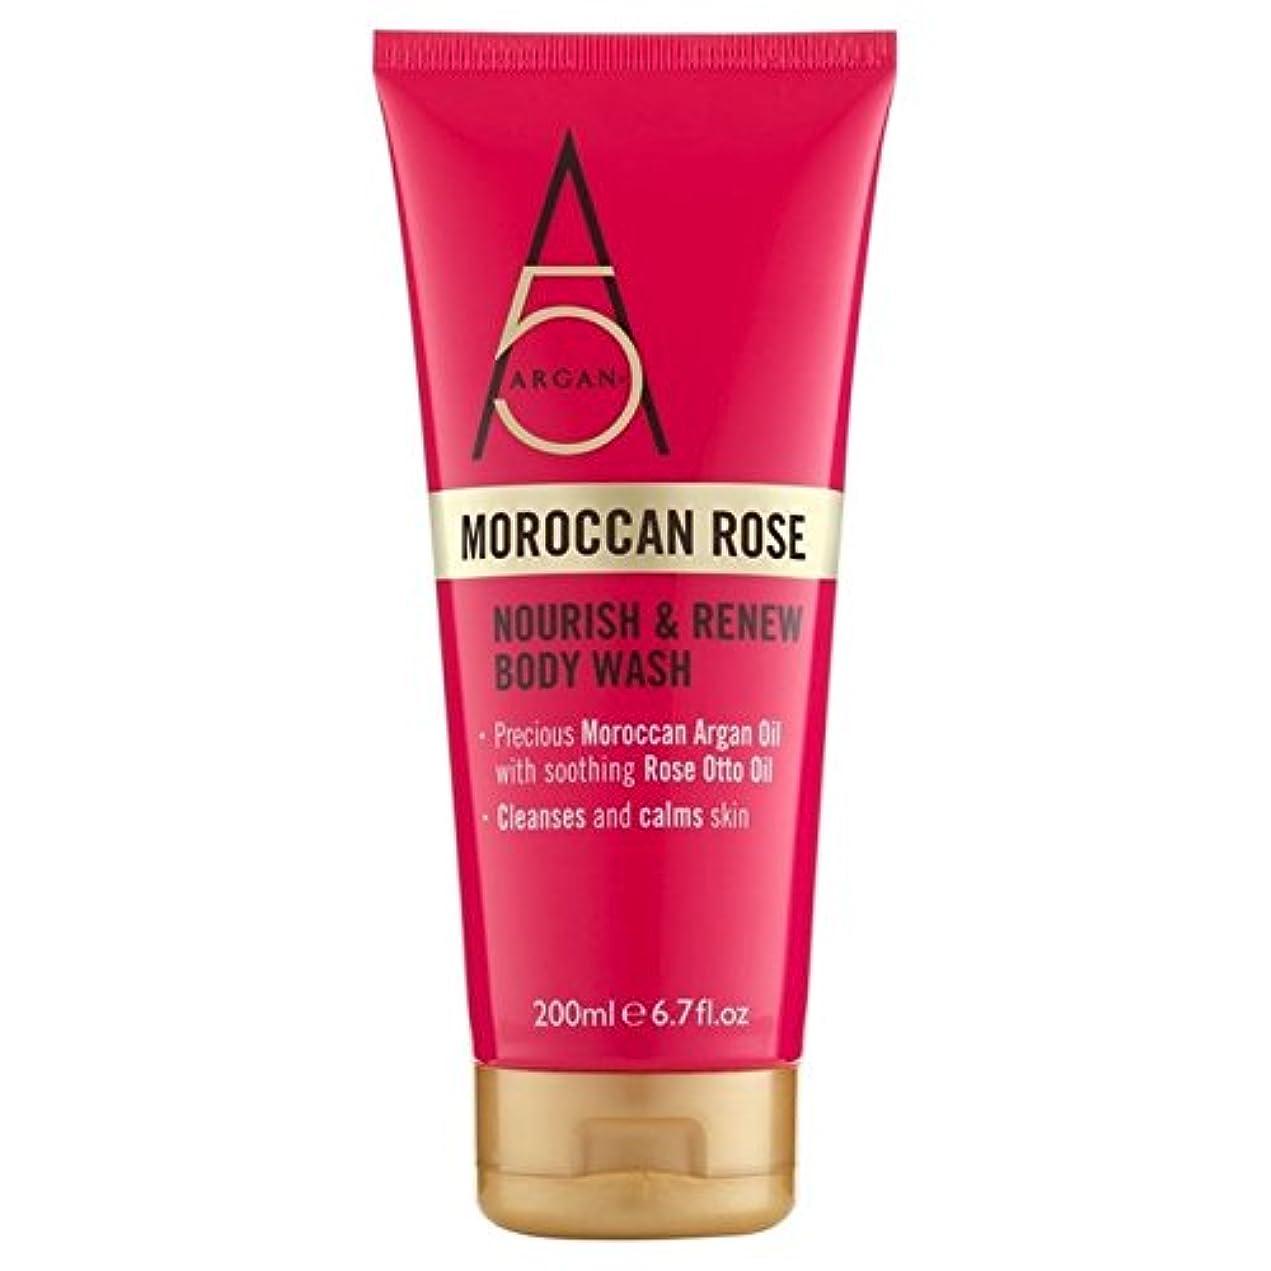 消費者誠意含意Argan+ Moroccan Rose Body Wash 300ml - アルガン+モロッコは、ボディウォッシュ300ミリリットルをバラ [並行輸入品]